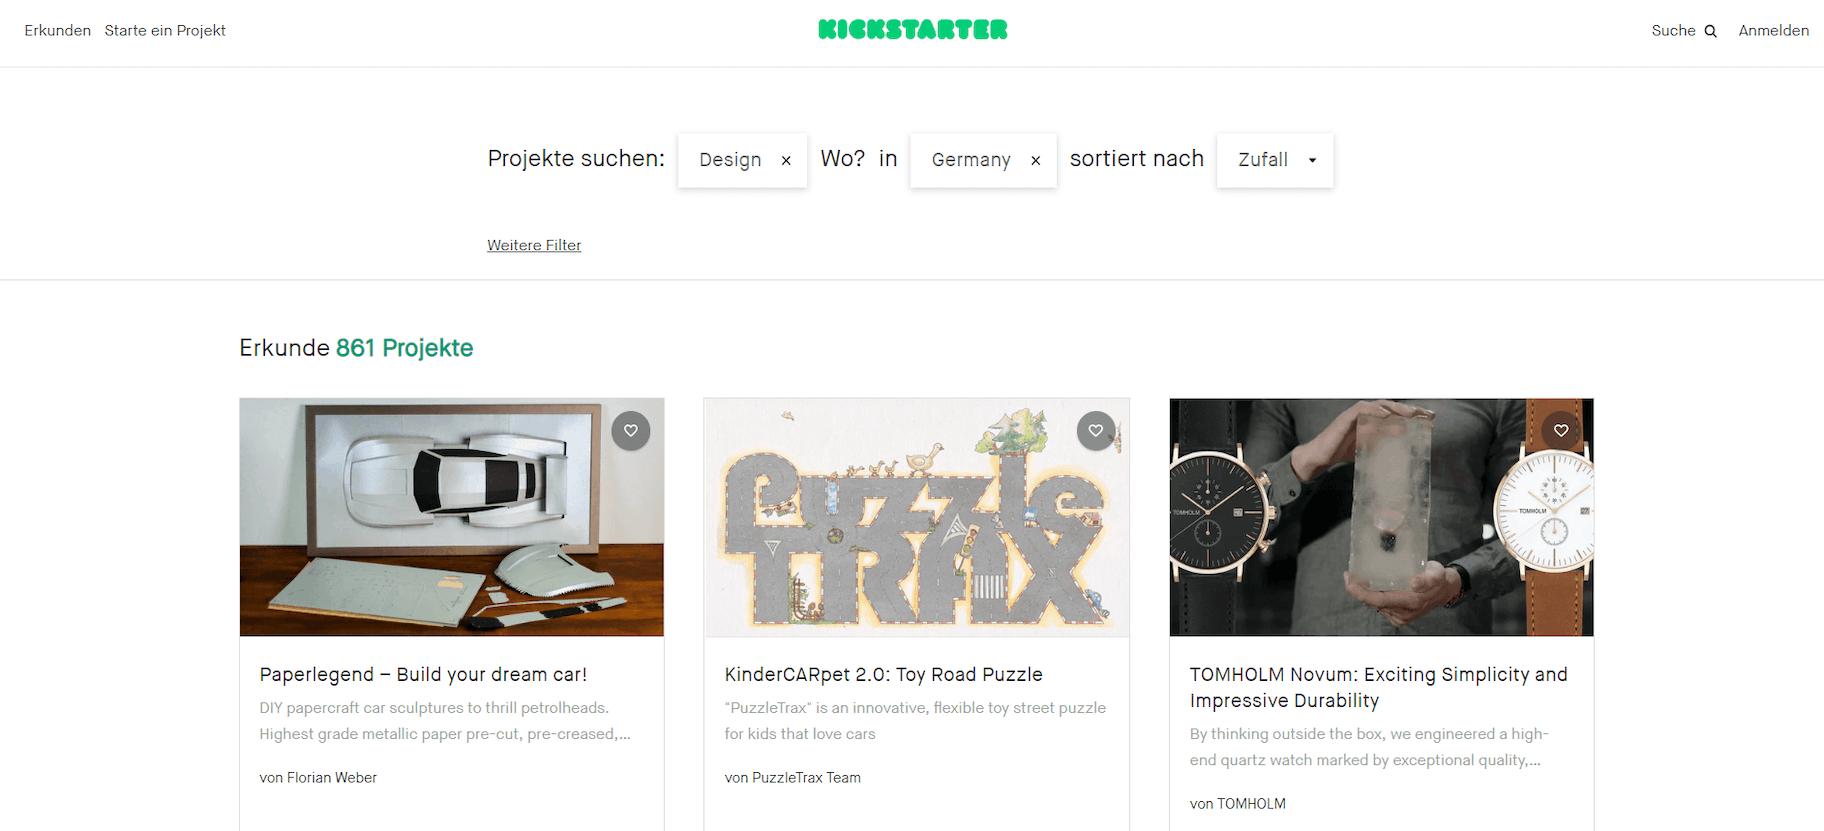 Kickstarter - Ordering without MOQ